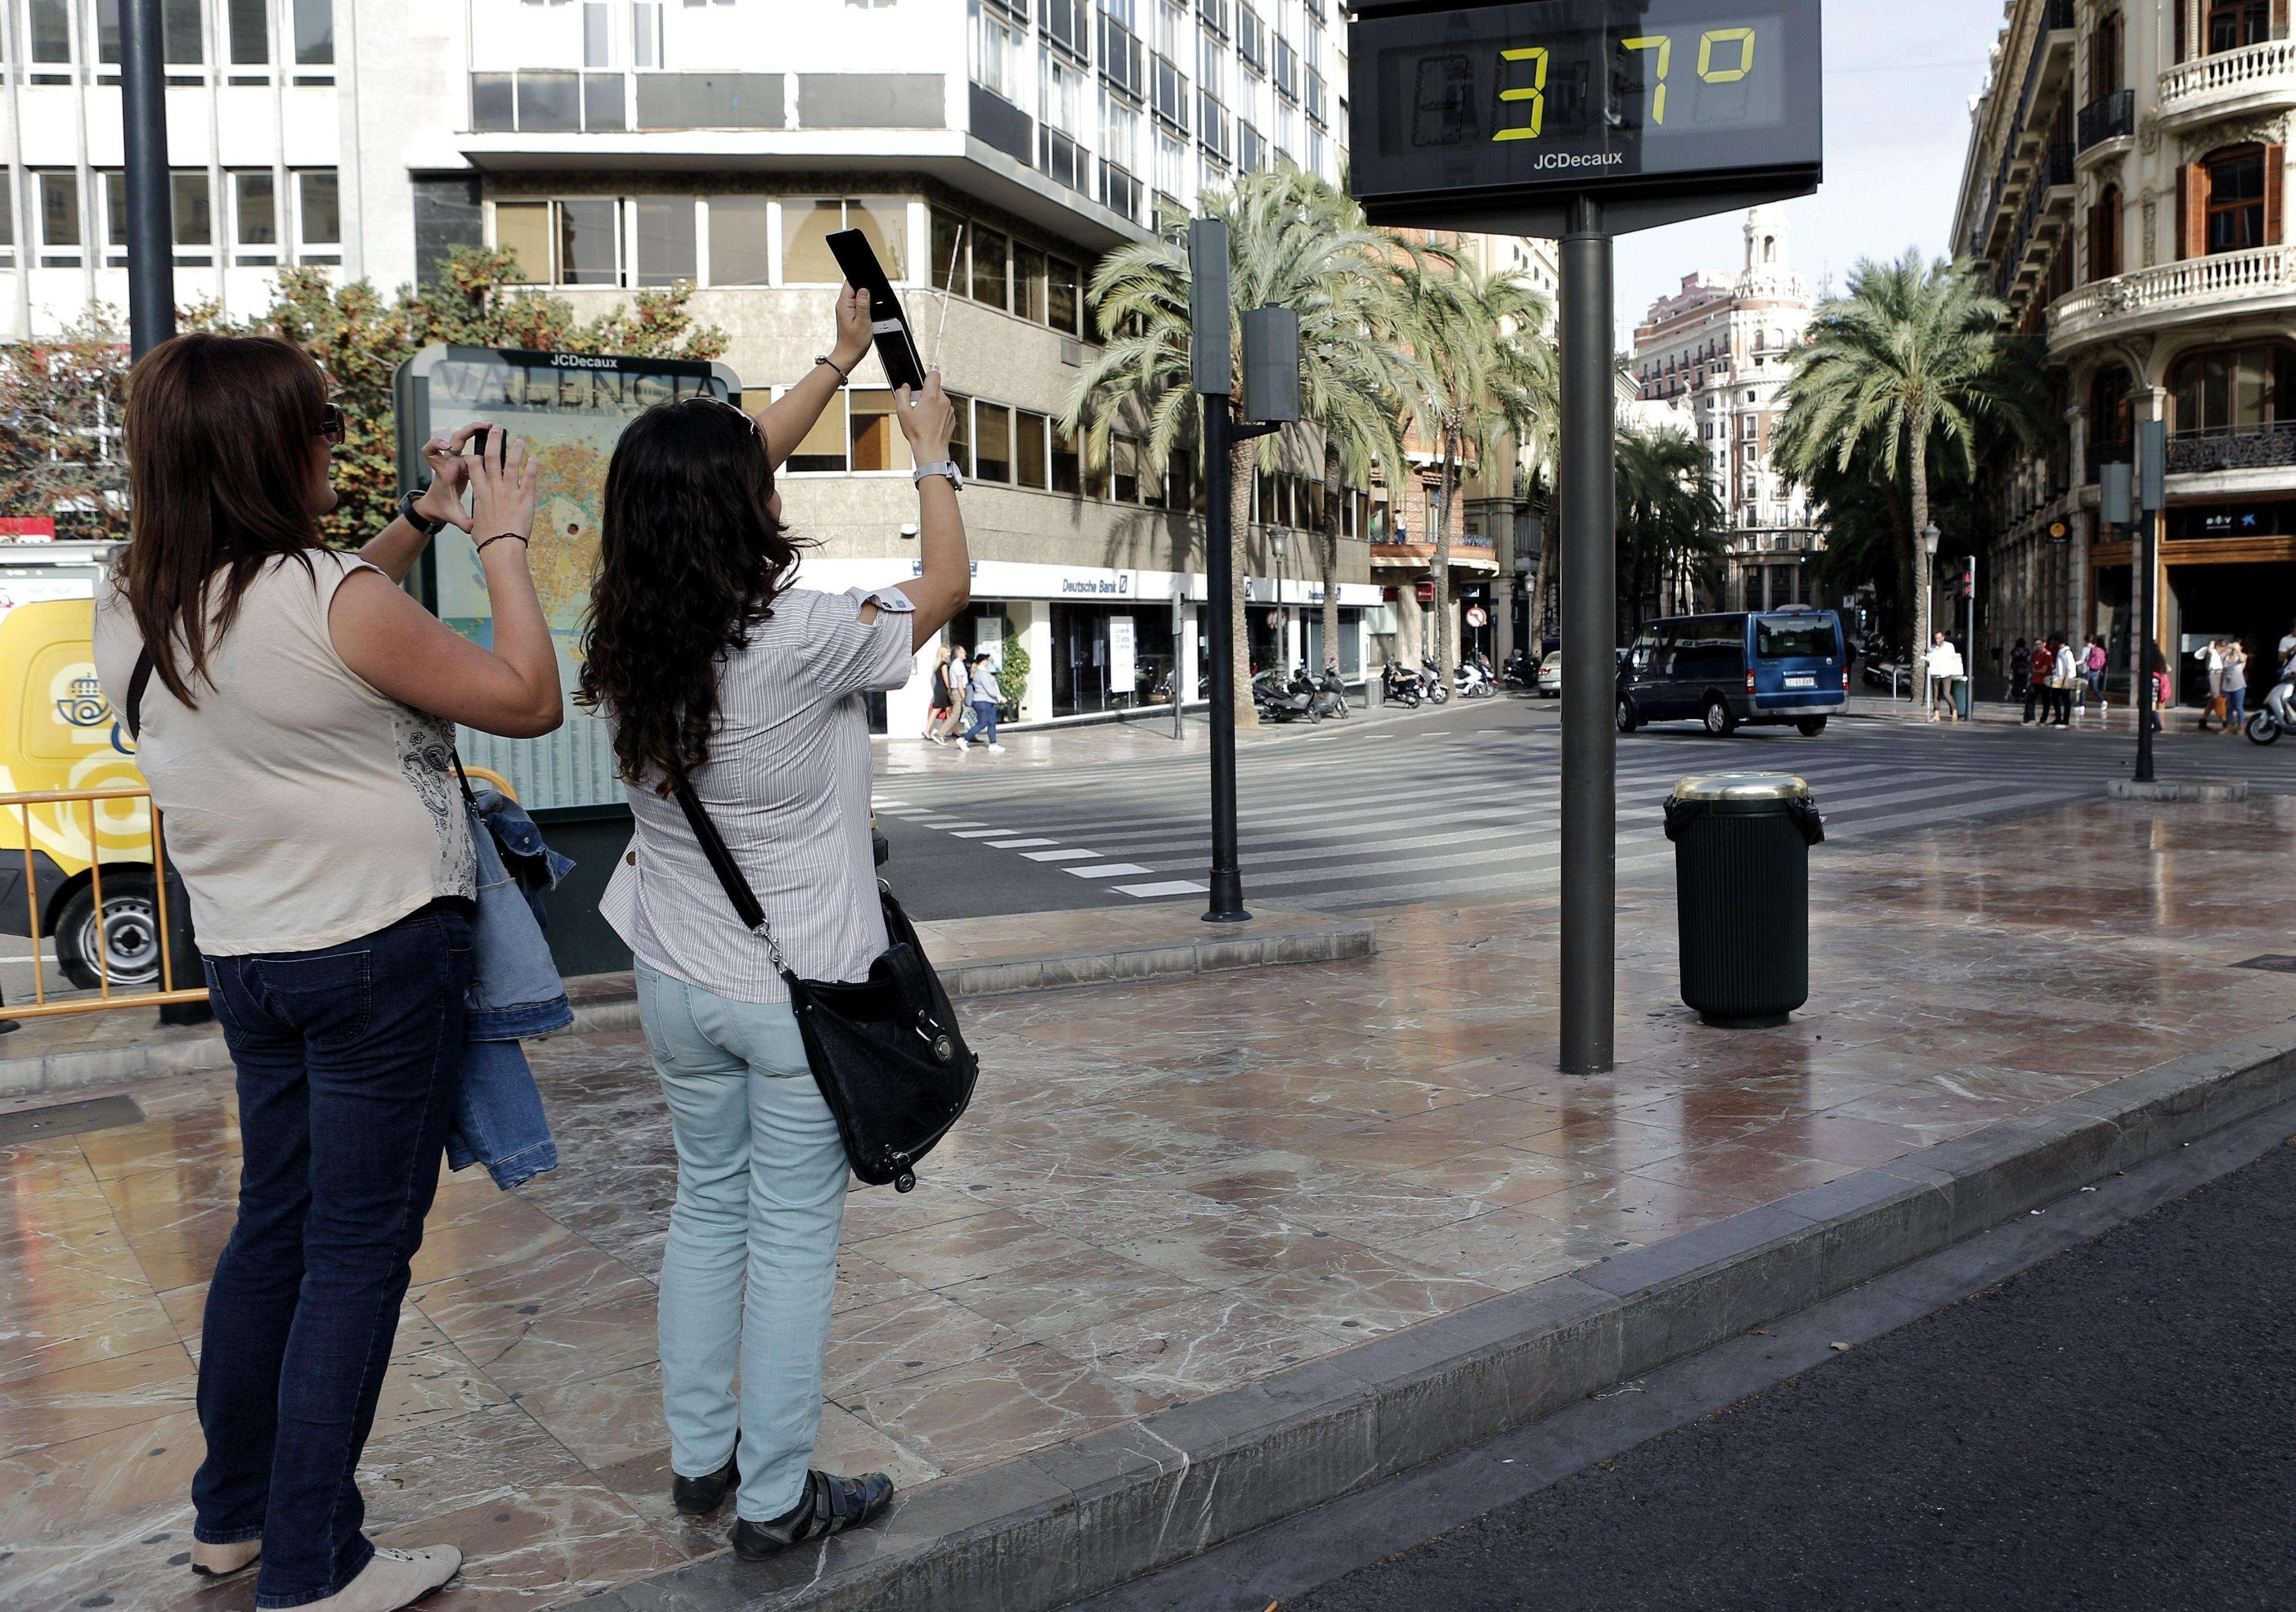 Varias jóvenes fotografían un termómetro que marca 37 grados en el centro de la capital valenciana, el 21 de octubre de 2014. La ciudad de Valencia registró a las 14.30 horas una temperatura de 34,7 grados, el valor más alto registrado en octubre en la ciudad desde 1869, según la Agencia Estatal de Meteorología (Aemet) . Foto: EFE en español